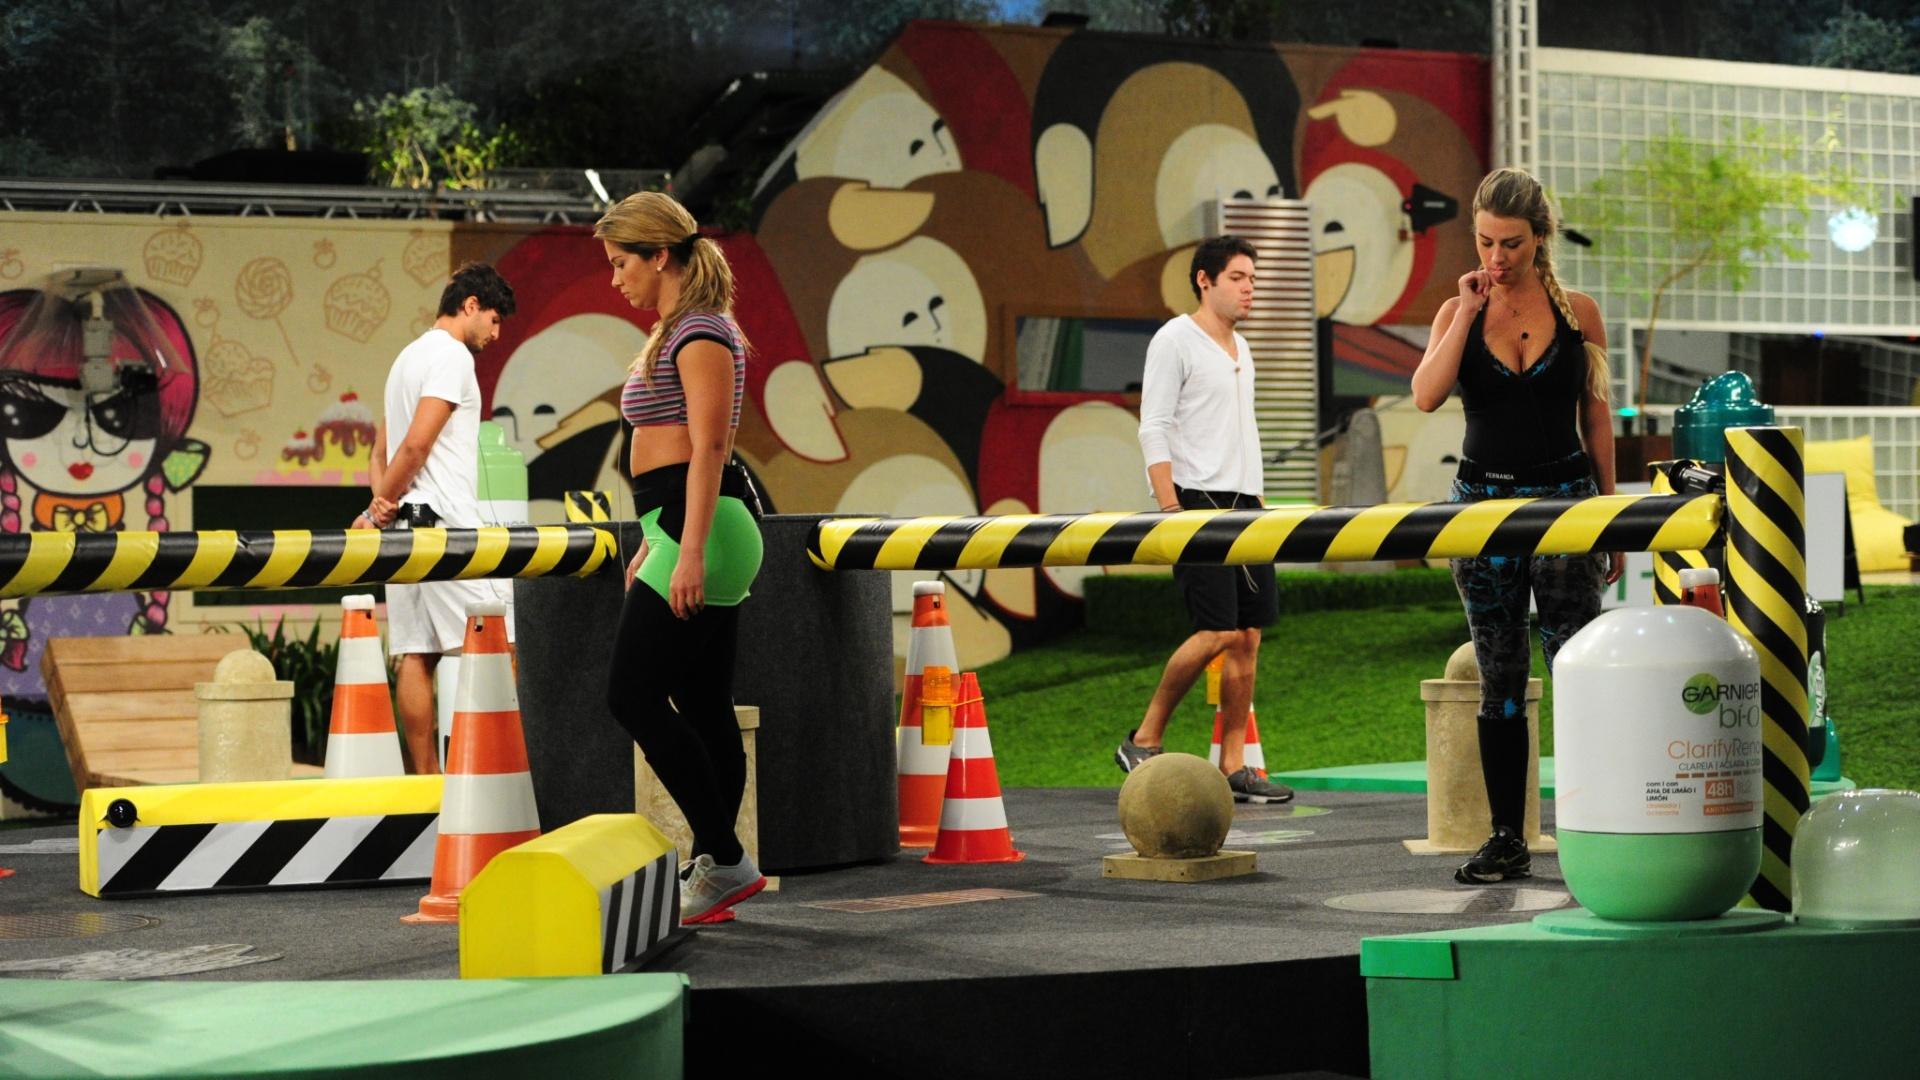 7.mar.2013 - A prova do líder consistia em andar por uma pista de obstáculos em formato de disco giratório